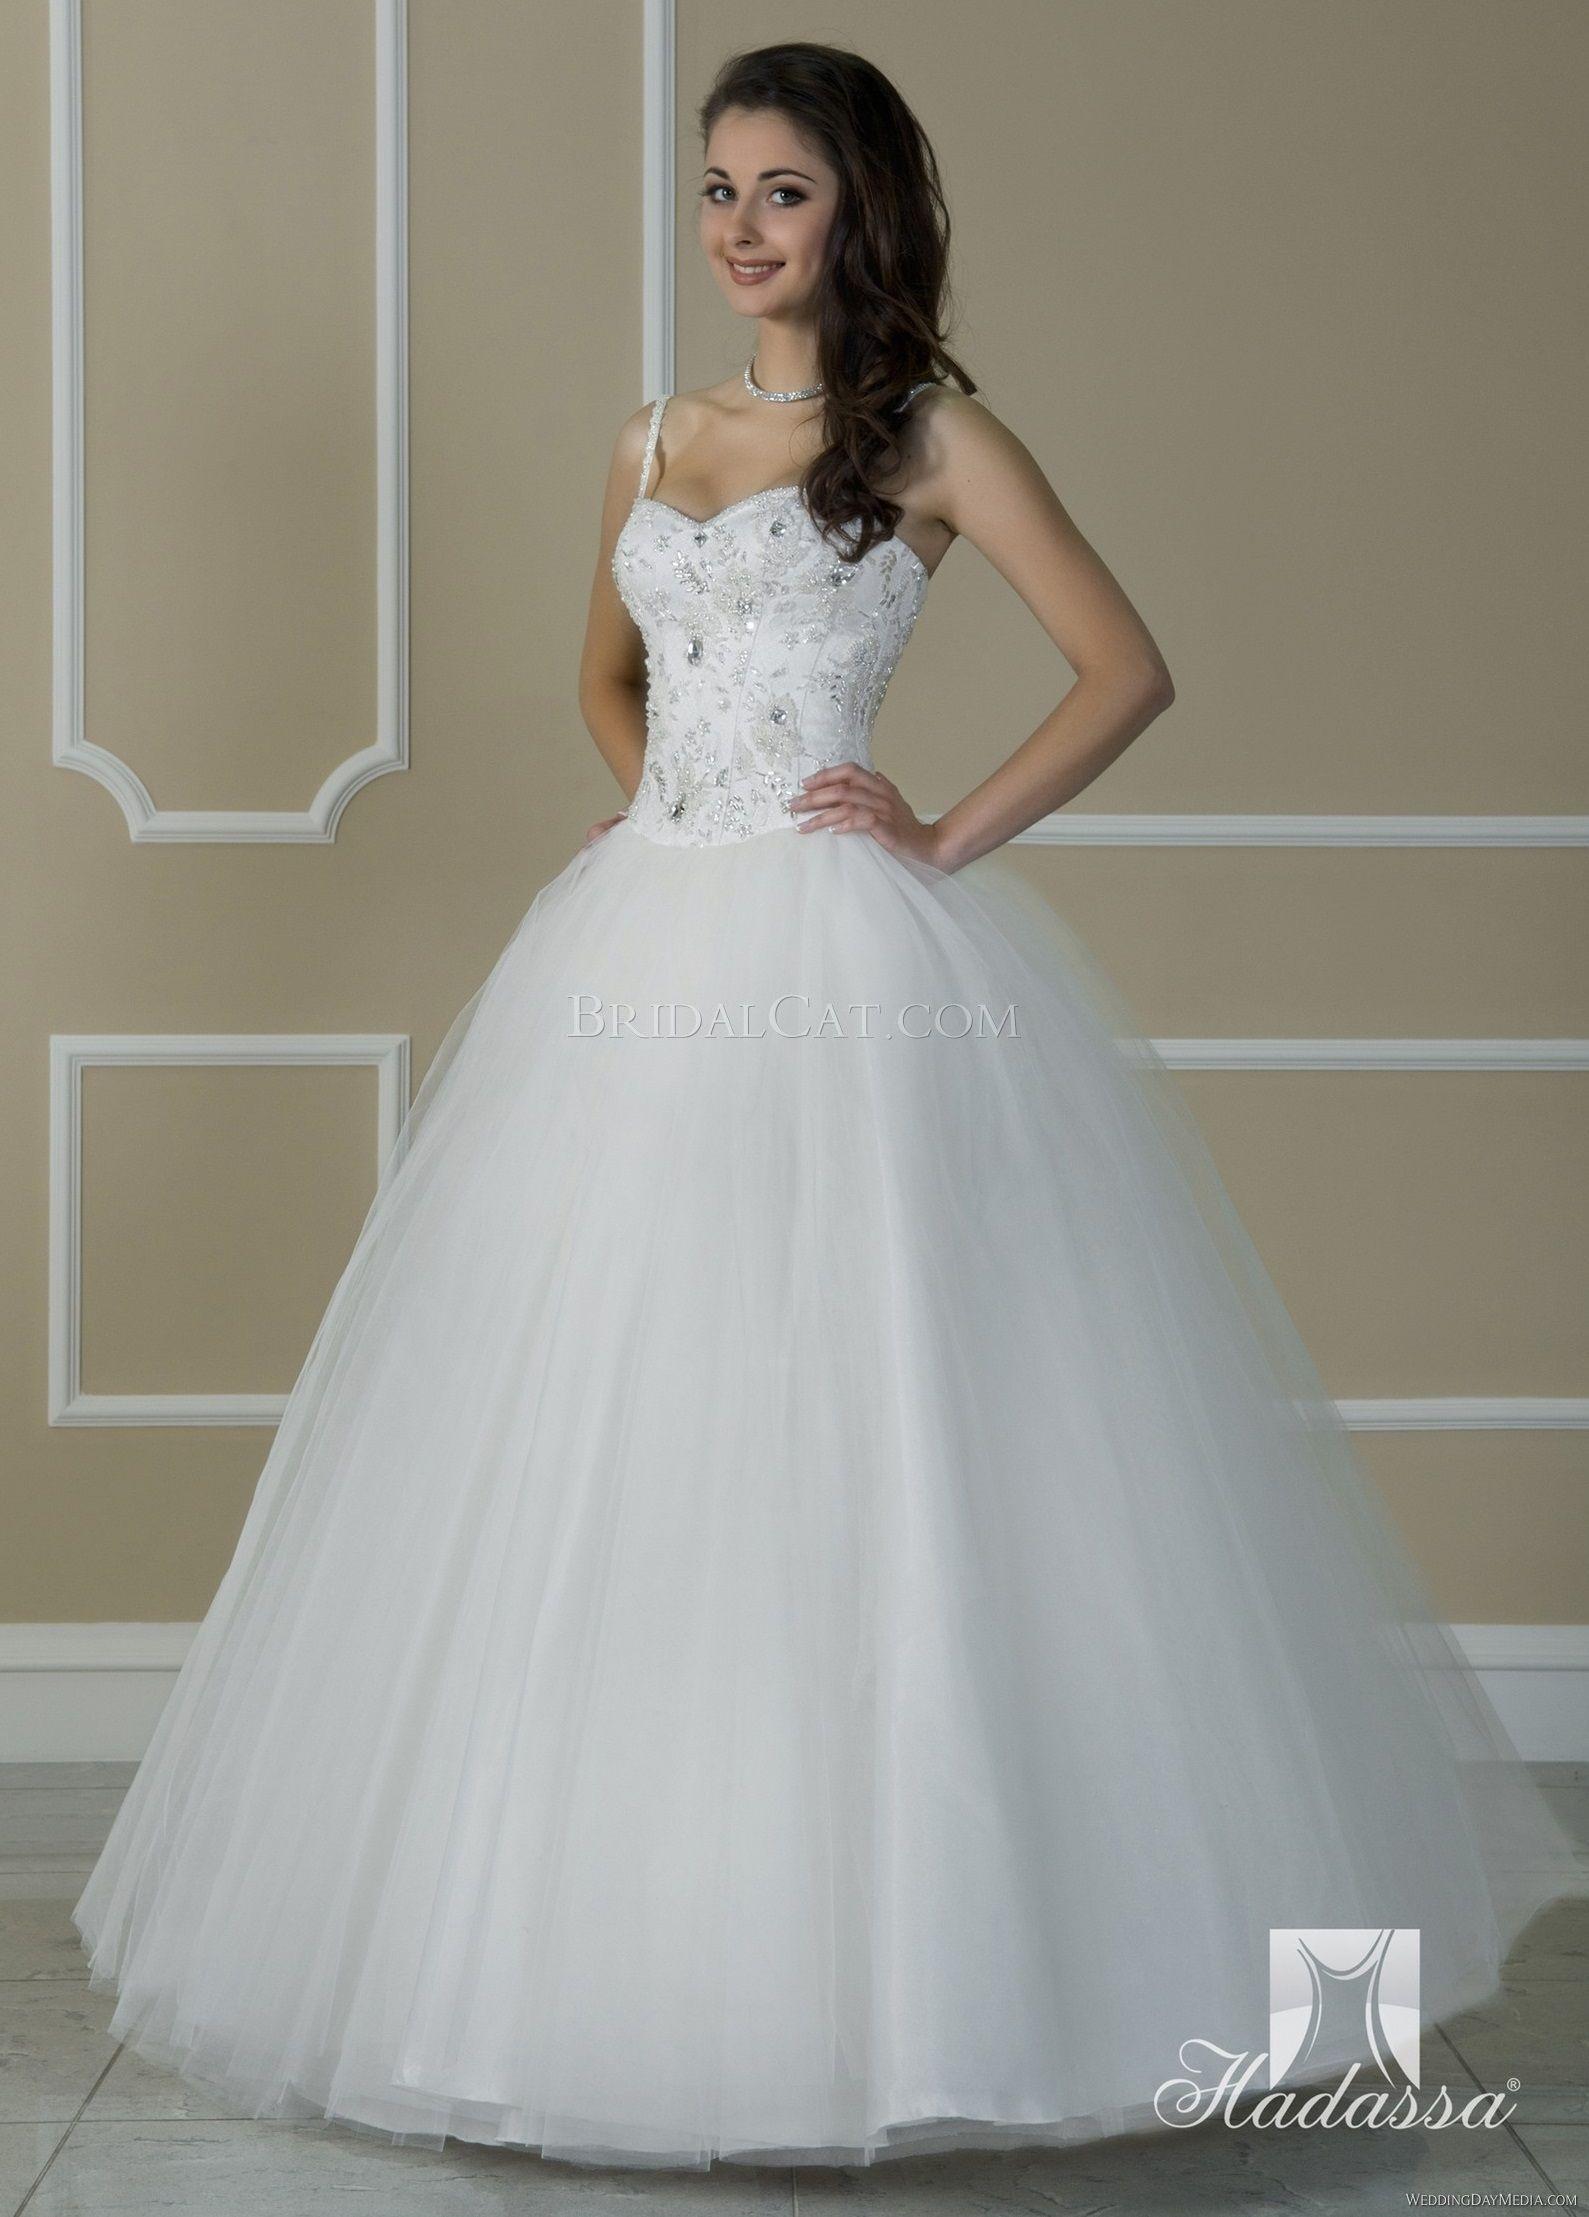 Snow White Wedding Dress By Hadassa Wedding Dresses Disney Princess Wedding Dresses Dresses [ 2217 x 1589 Pixel ]